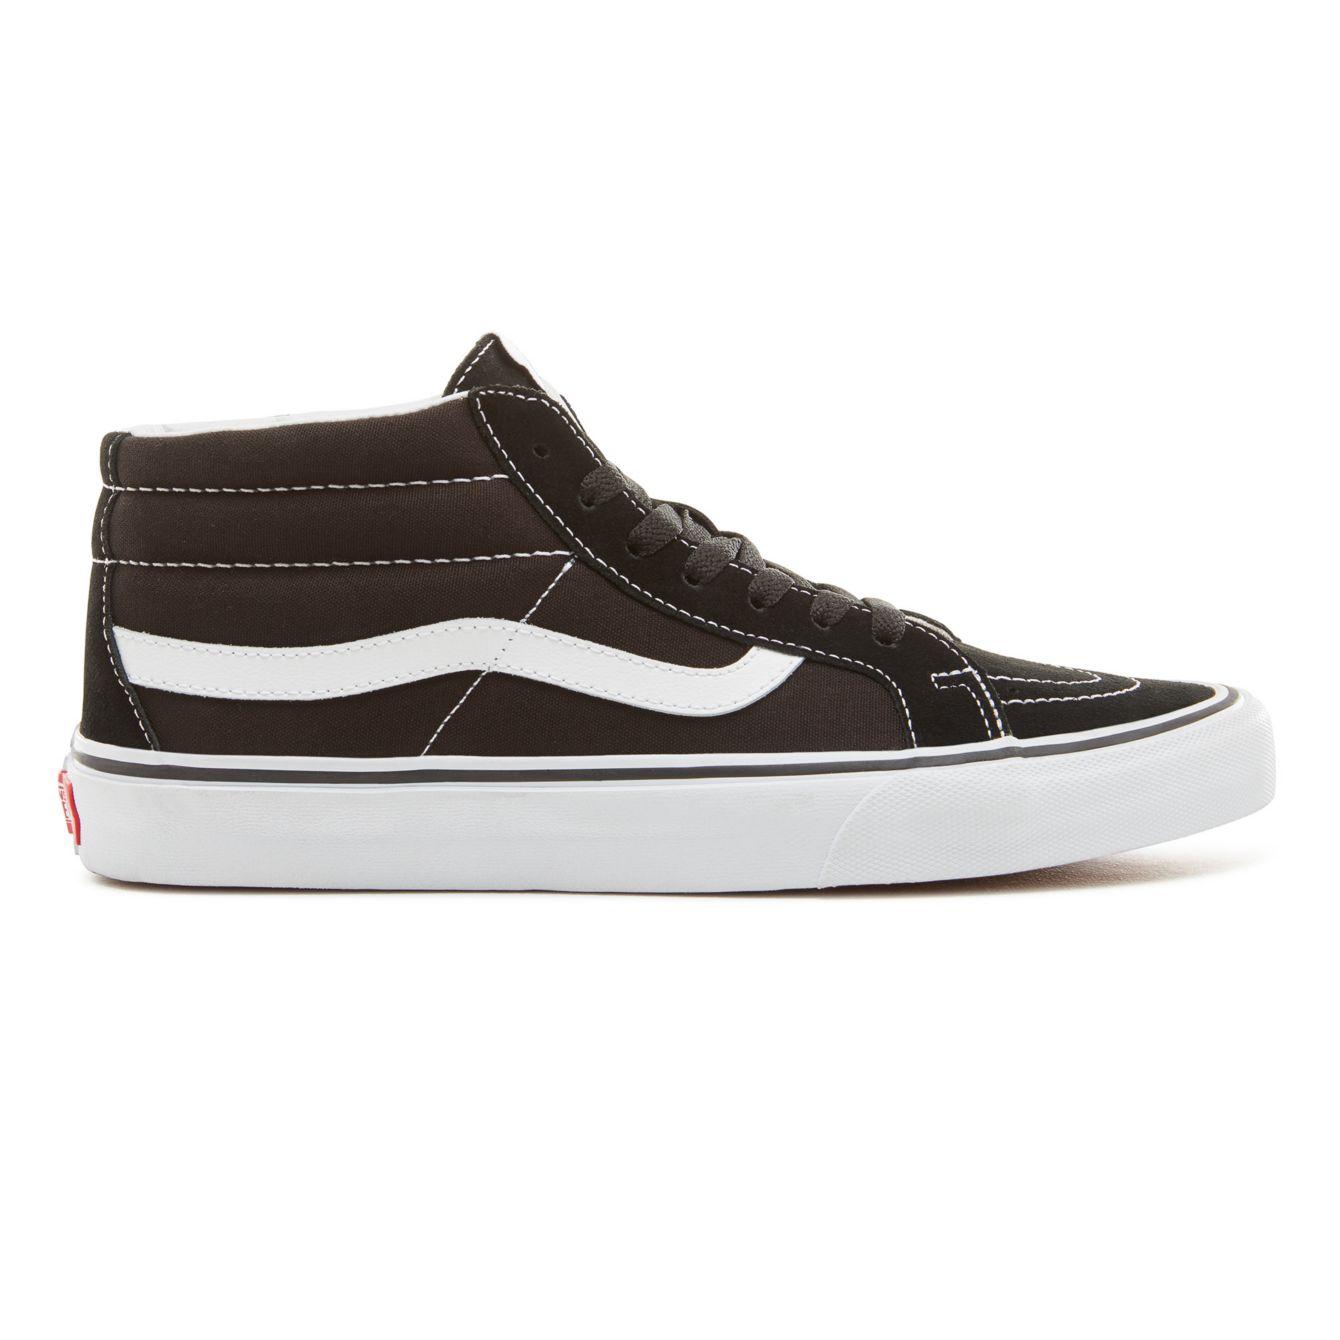 Vans zapatos Sk8-mid hombre Sk8-mid zapatos reissue (retro sport) negro/true Blanco  skate zapatillas c1291b